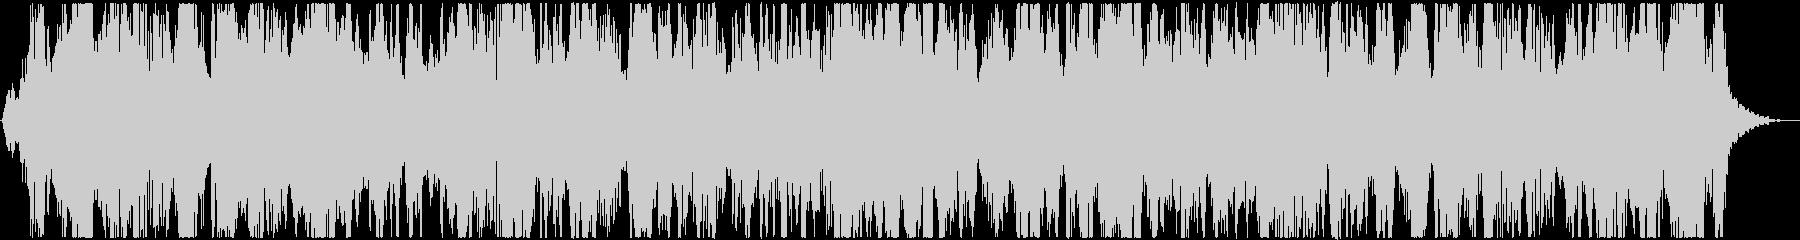 イメージ 地下鉄ハイ02の未再生の波形